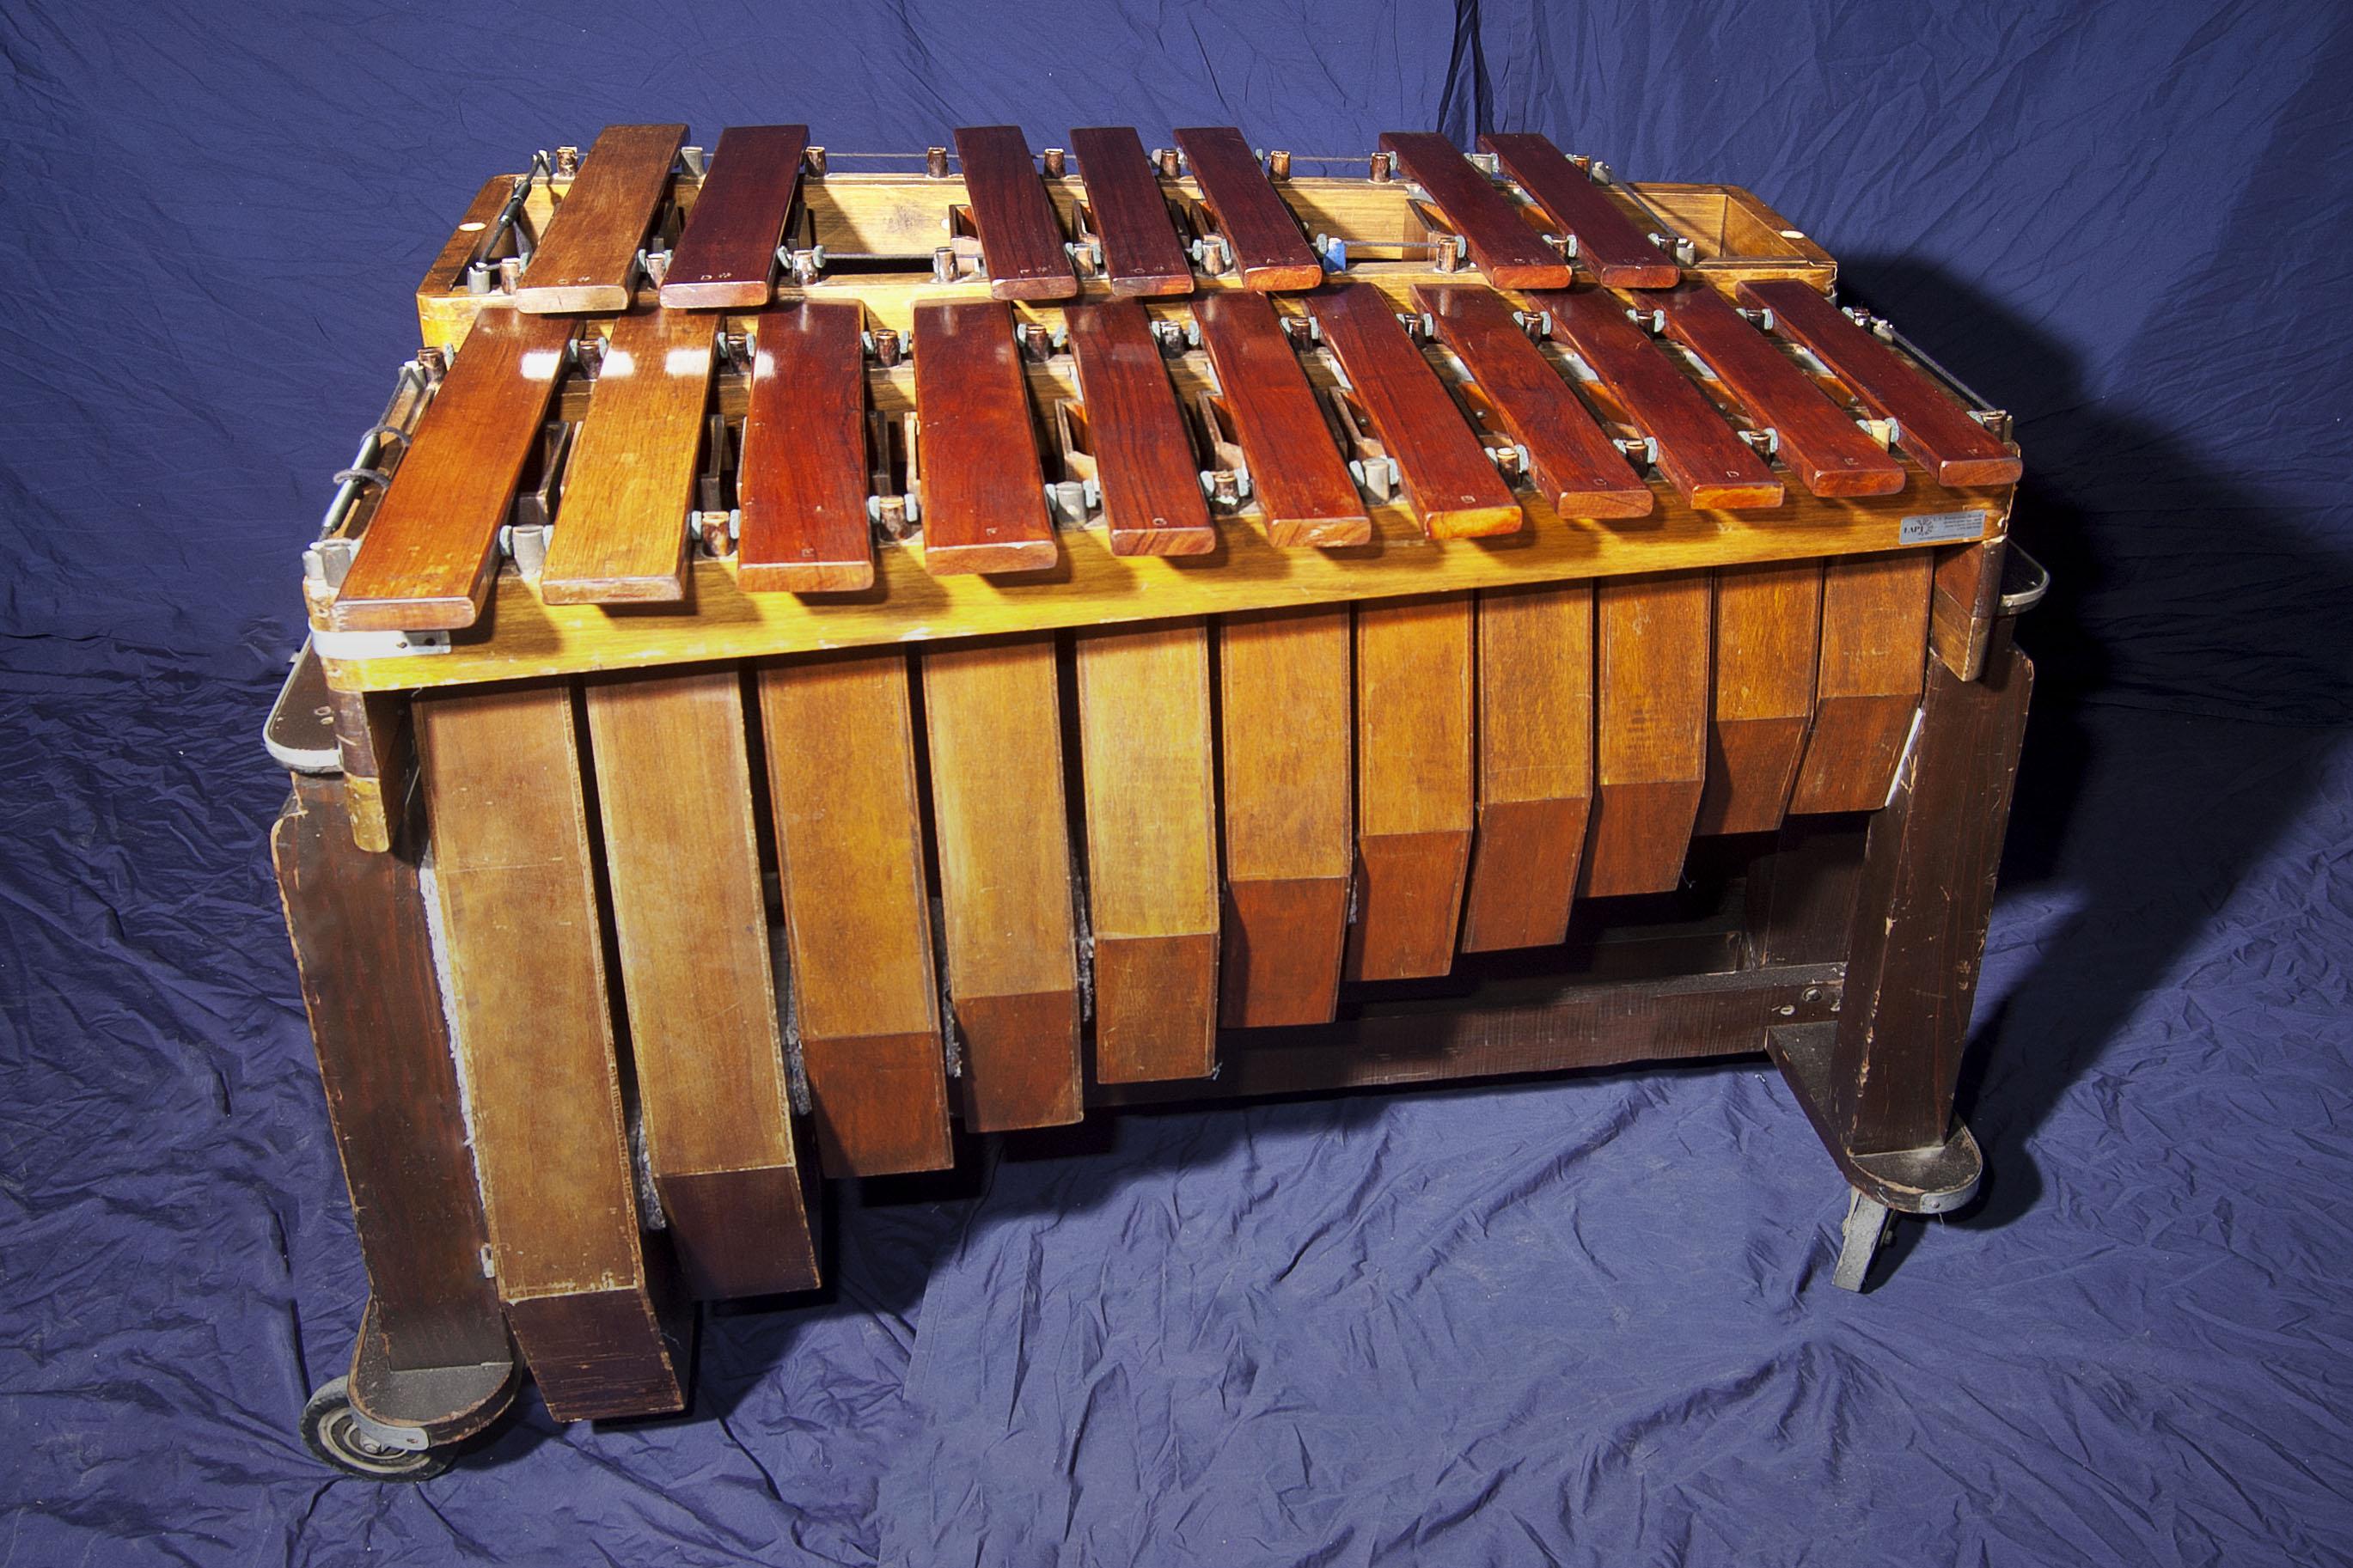 marimba - définition - C'est quoi